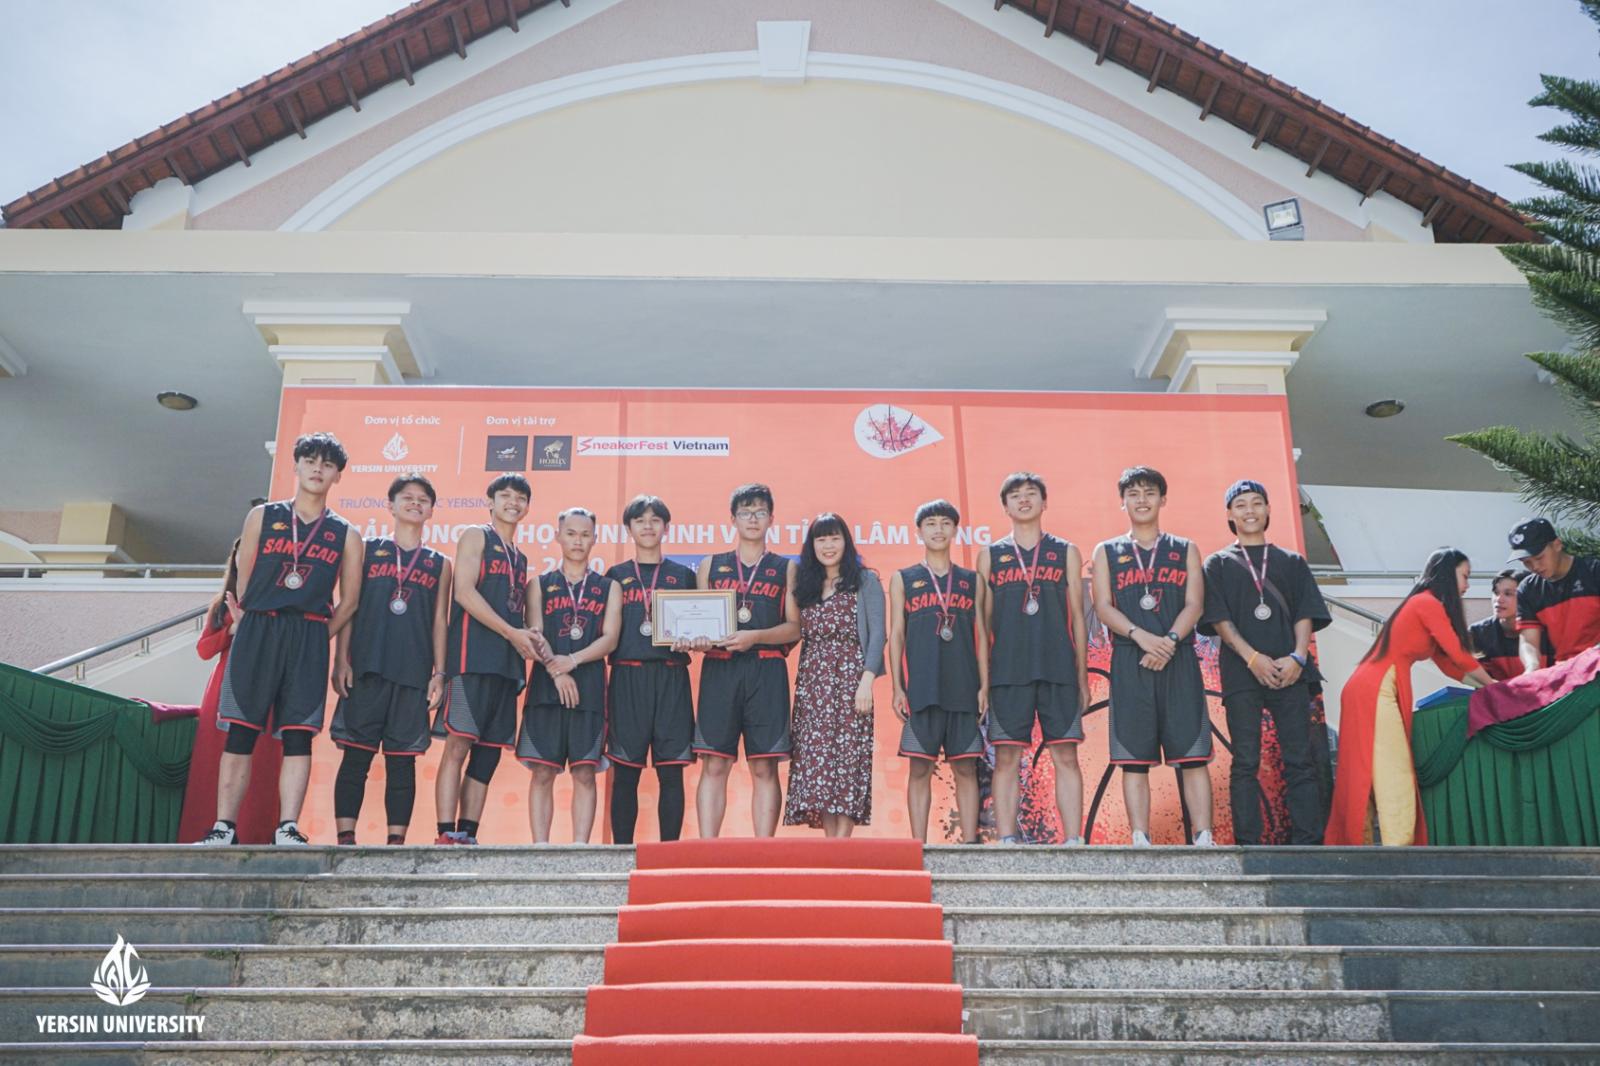 Giải bóng rổ, tỉnh Lâm Đồng, Trường Đại học Yersin Đà Lạt